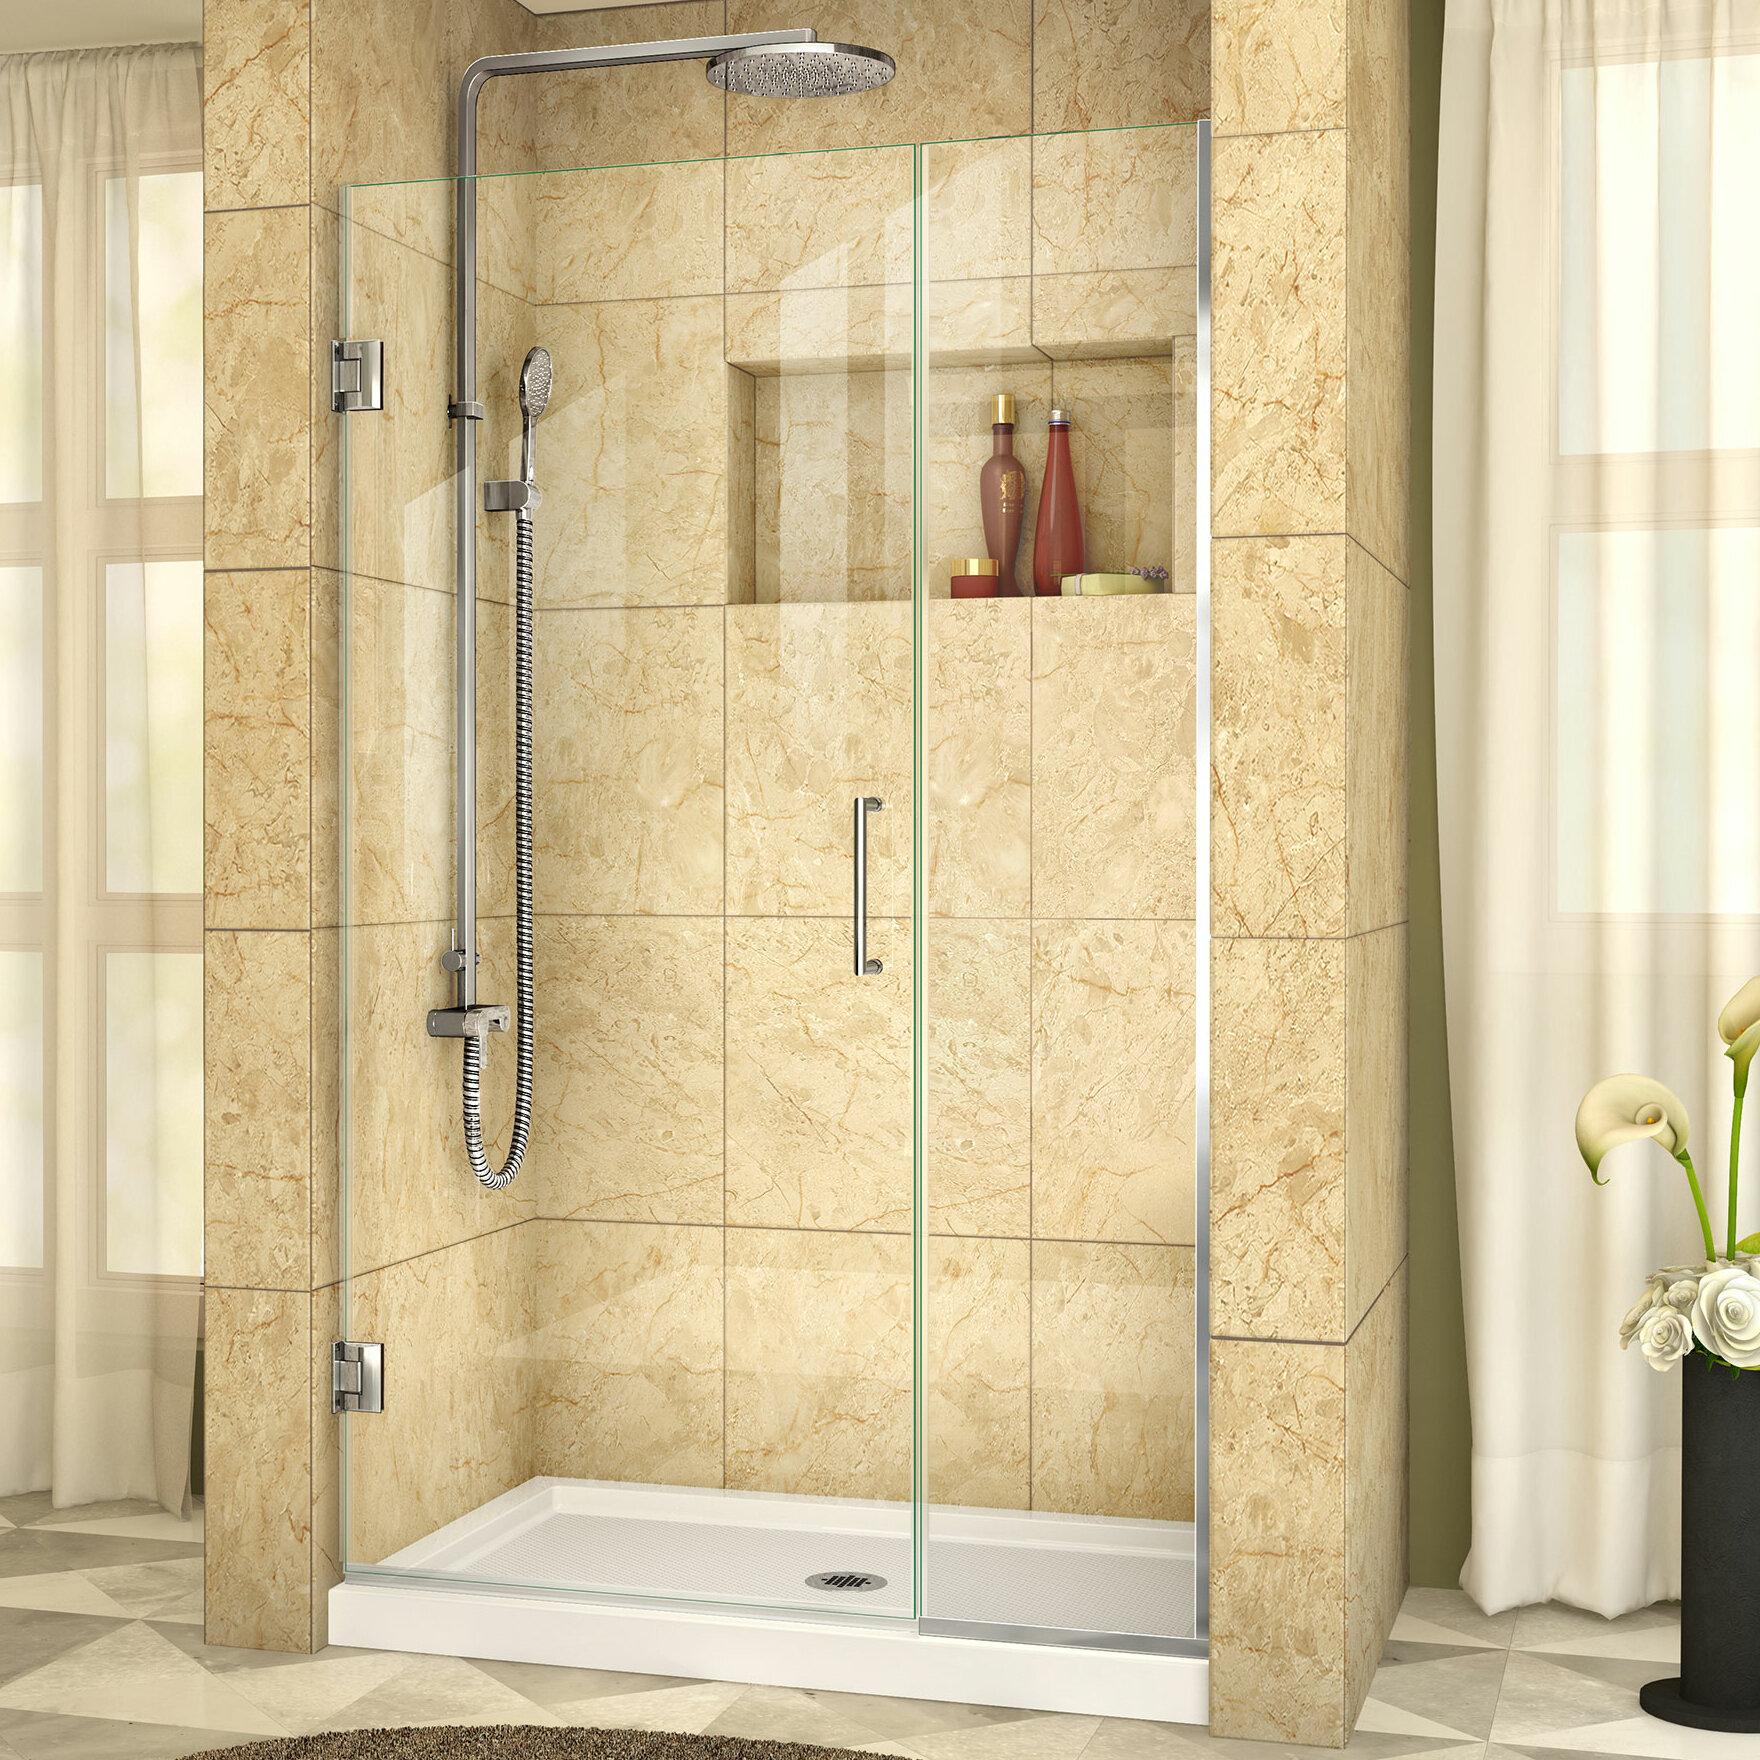 Dreamline Unidoor Plus 405 X 72 Hinged Frameless Shower Door With